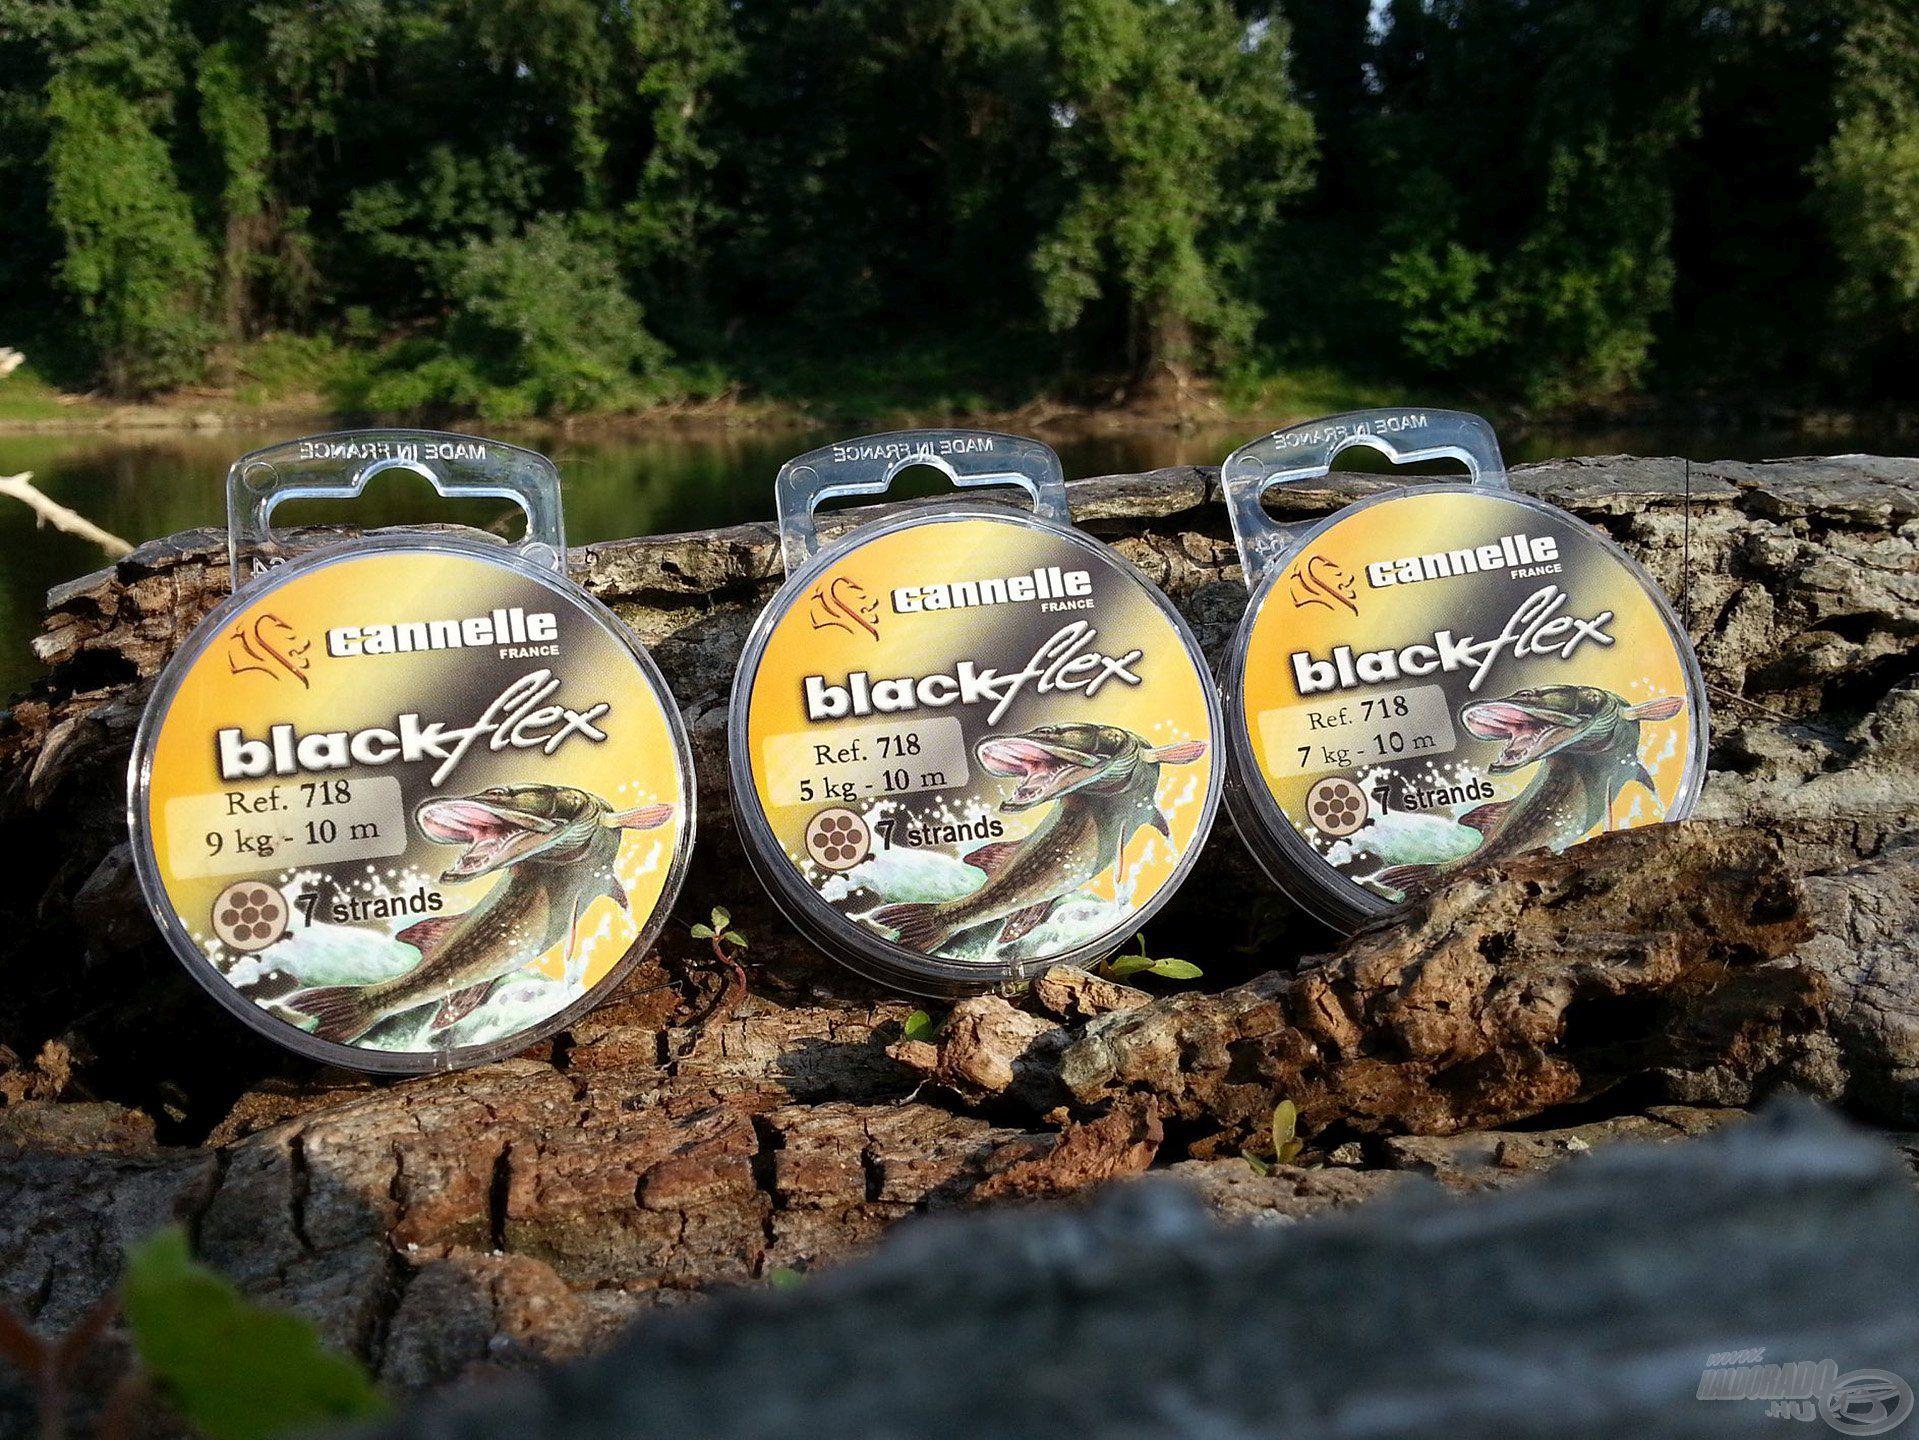 A Blackflex 718 szintén remek tulajdonságokkal rendelkezik, három különböző méretét elsősorban csukázáshoz és süllőzéshez ajánljuk